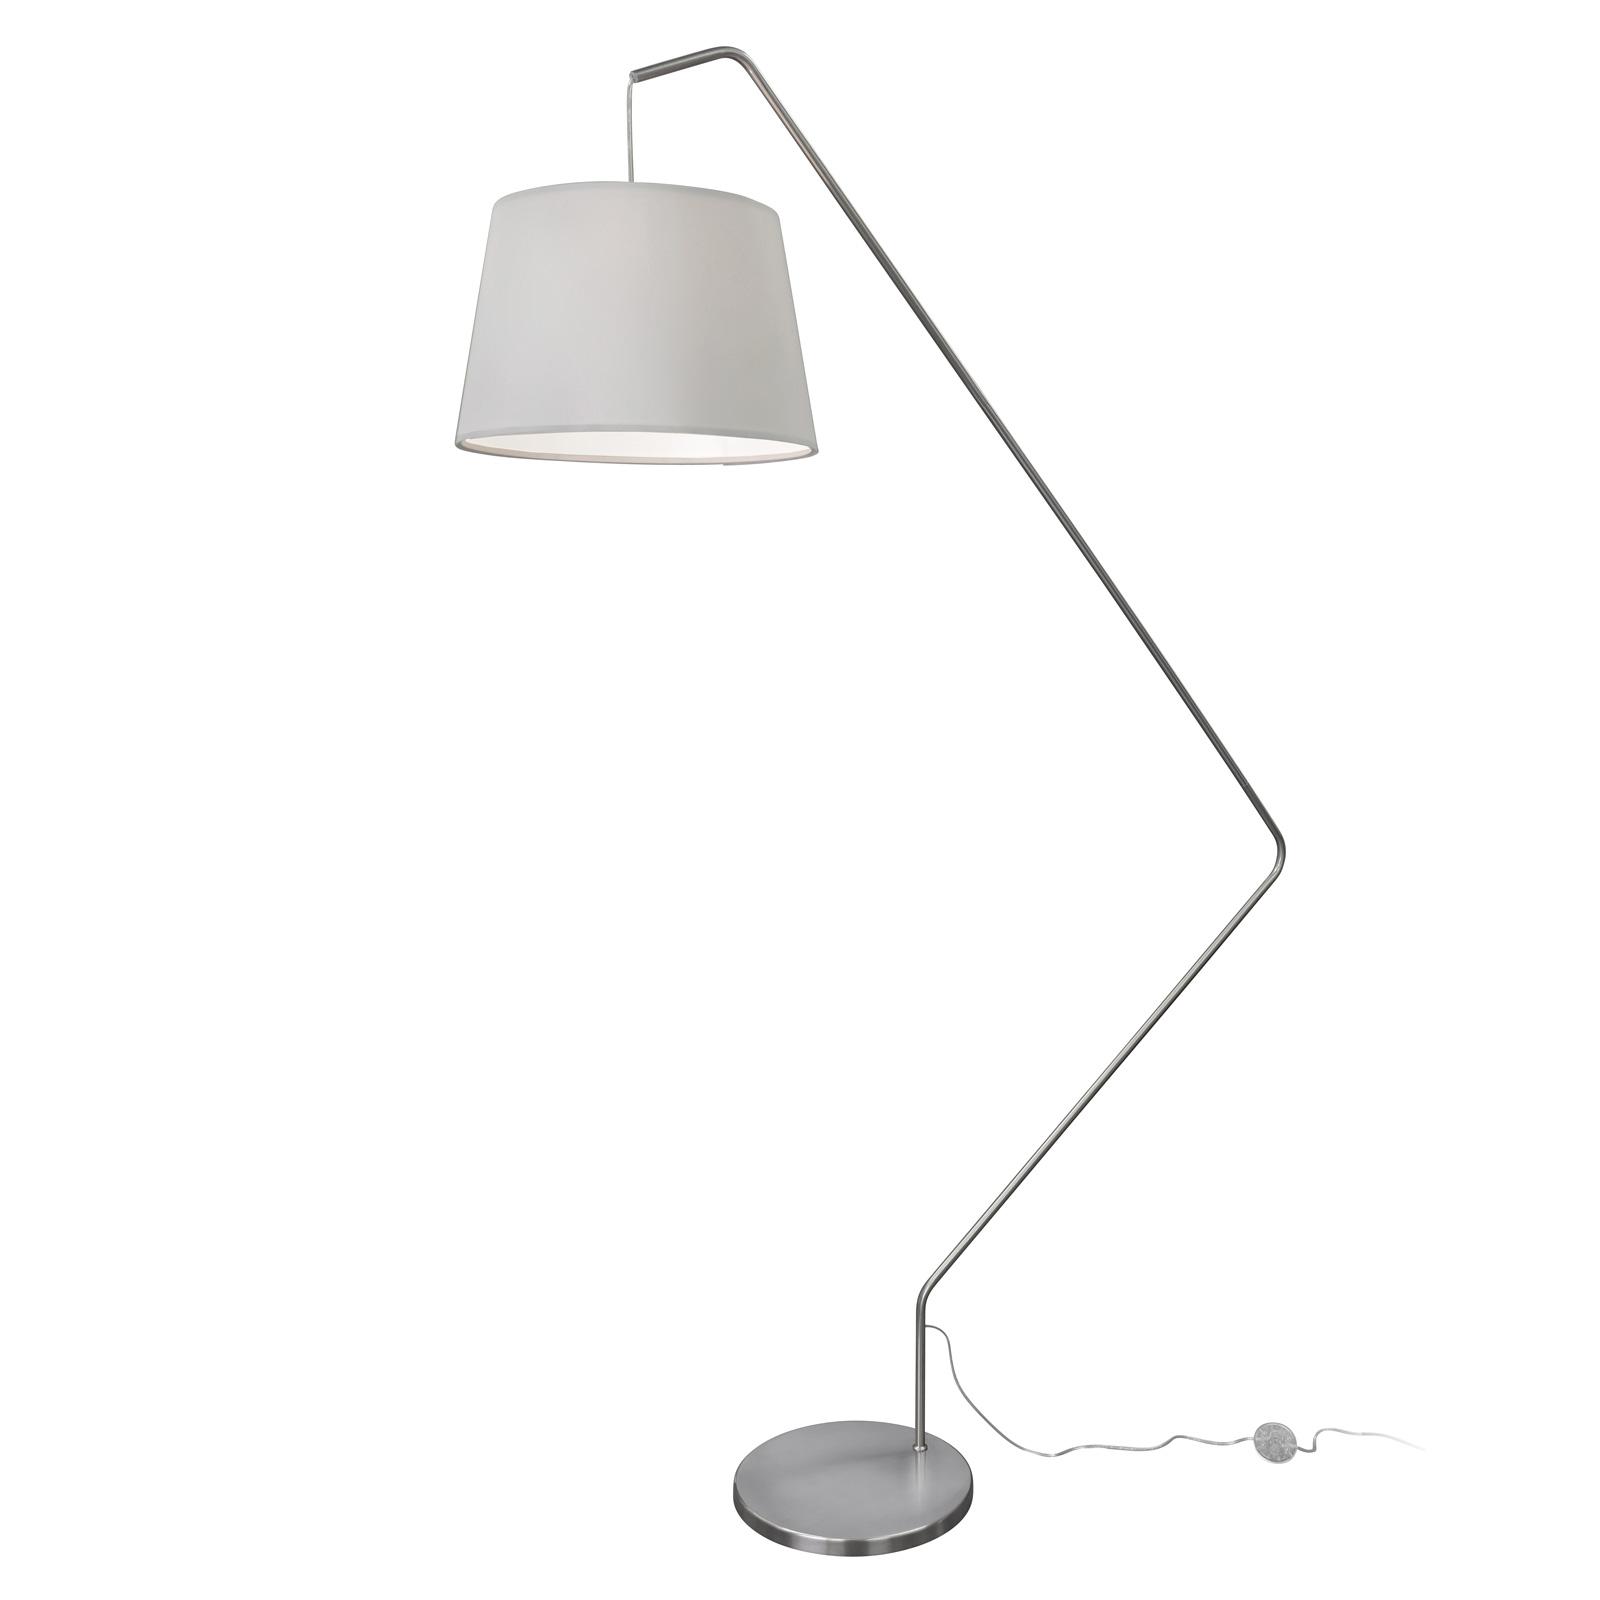 Villeroy & Boch Dublin Stehlampe in Weiß